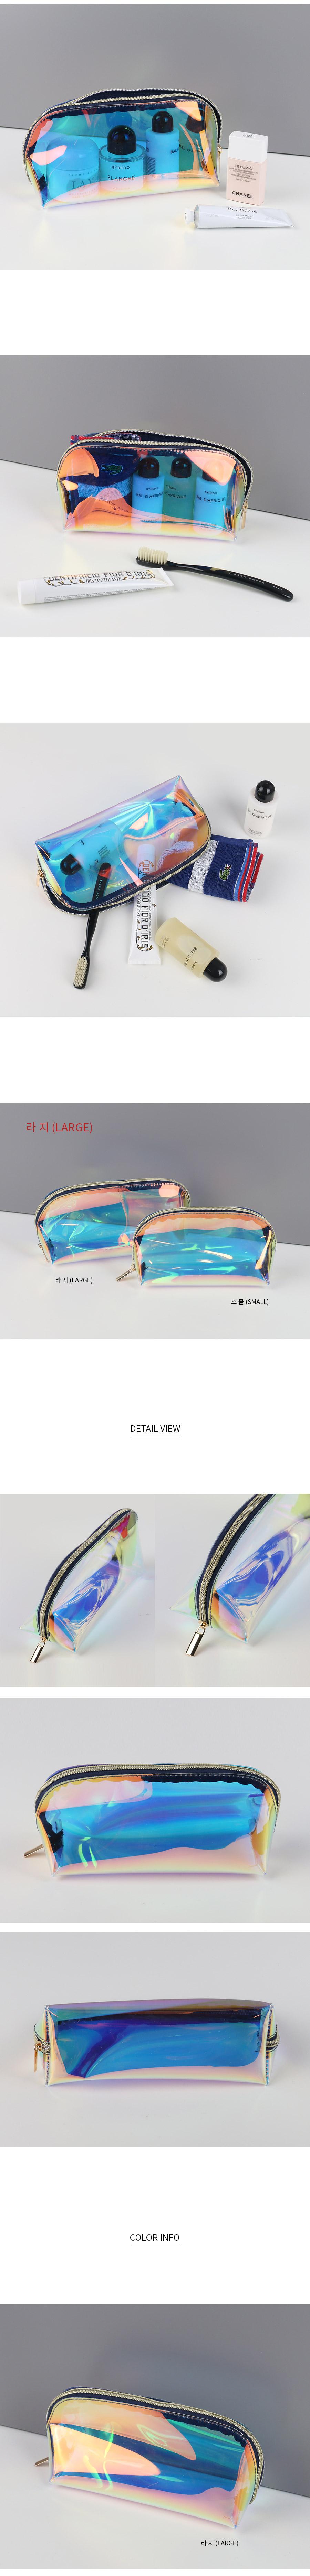 투명 PVC 스티치 화장품파우치 - 릴리, 15,200원, 메이크업 파우치, 지퍼형